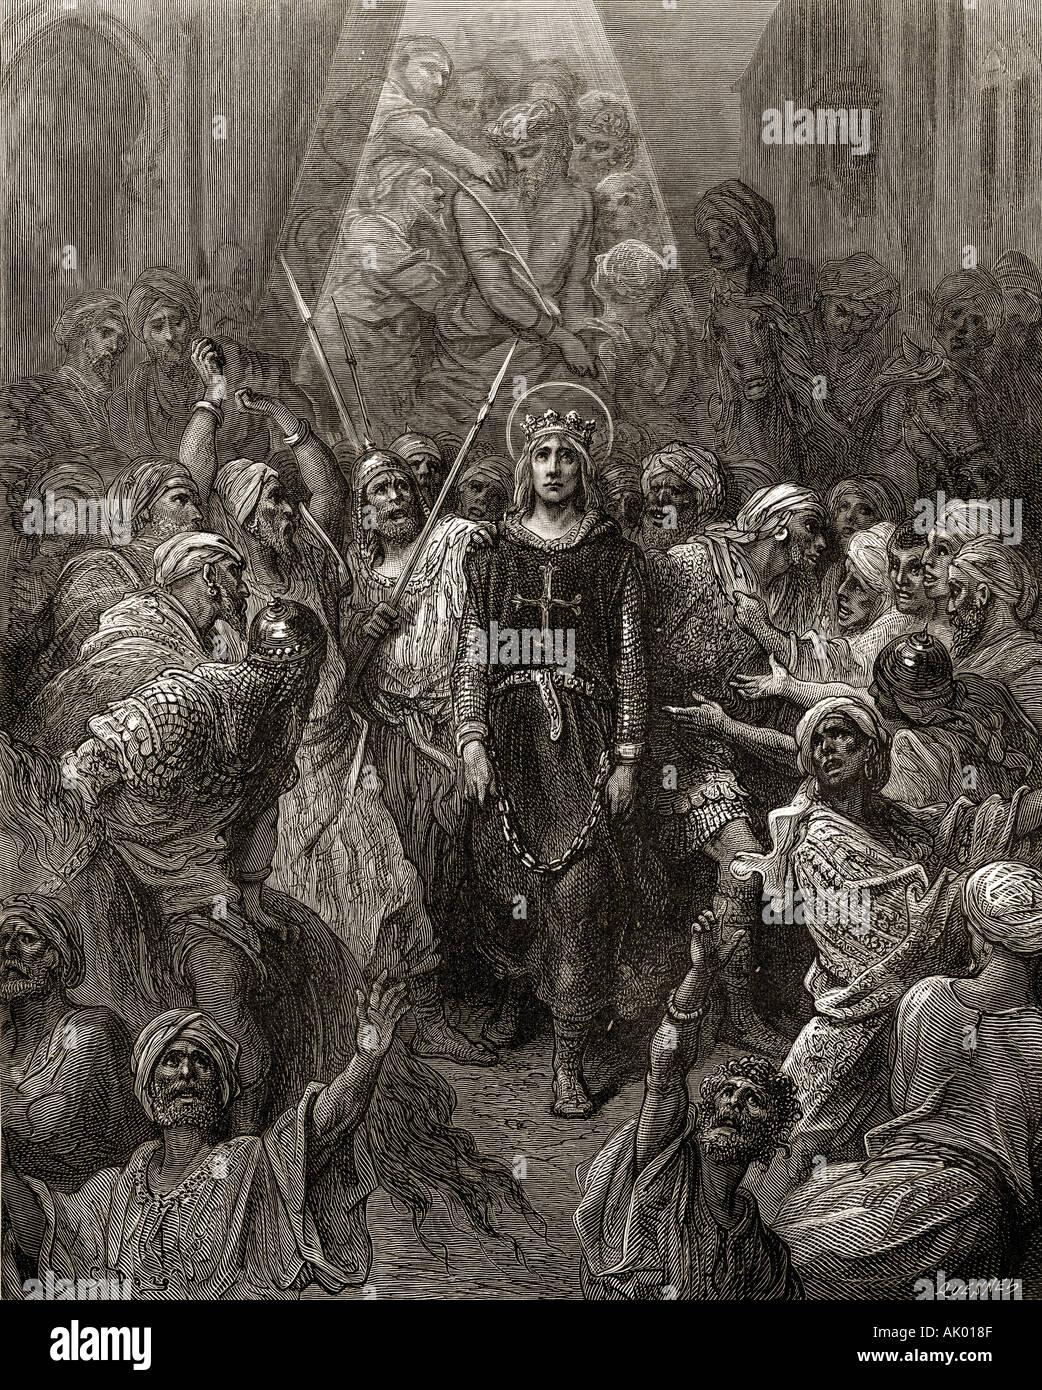 El rey Luis IX Eygypt tomados prisioneros en 1250 durante la séptima cruzada. Luis IX, 1214 -1270, alias Saint Louis. El rey de Francia. Foto de stock